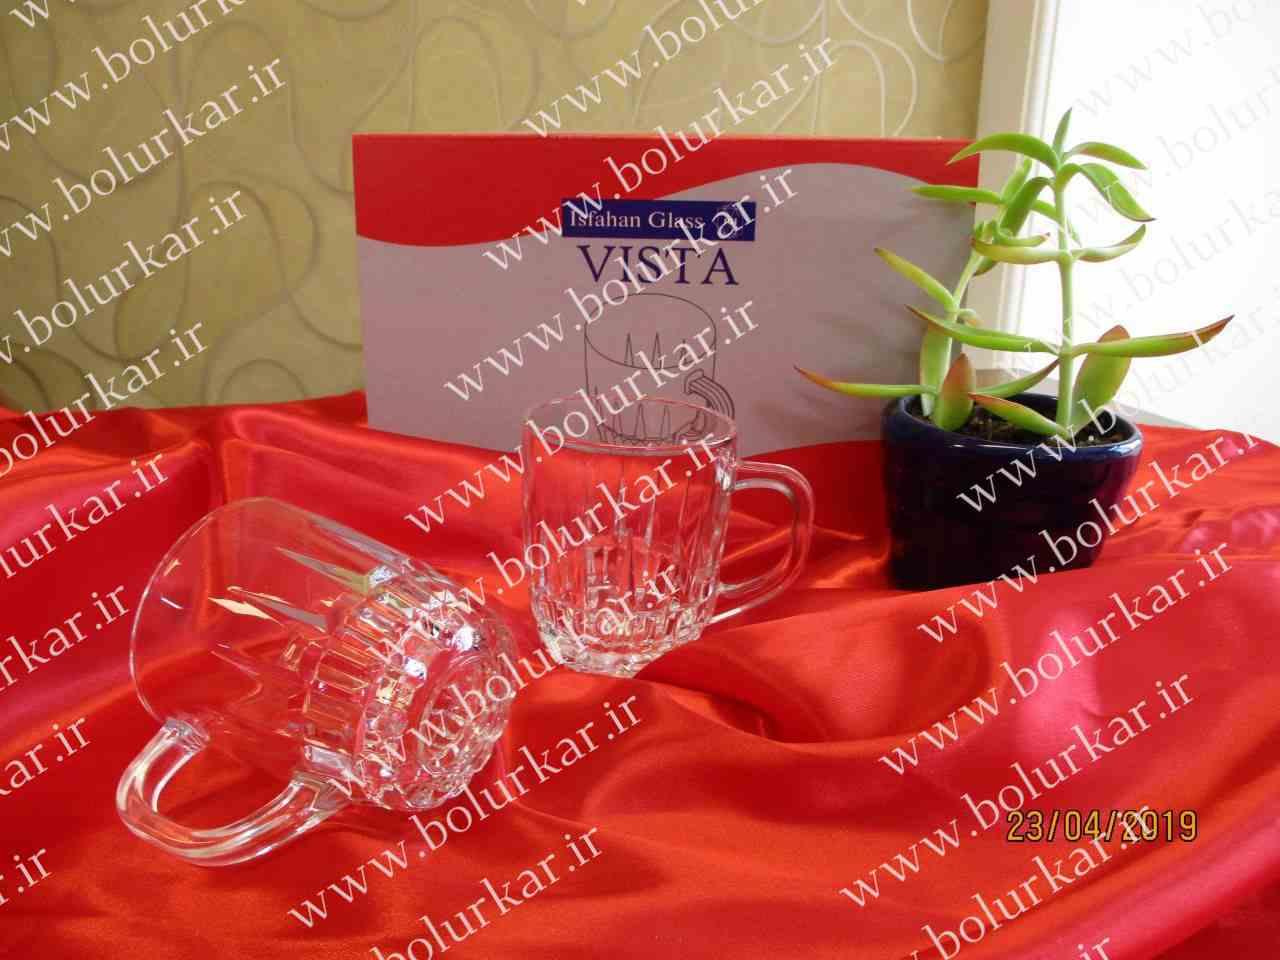 خرید اینترنتی بلور اصفهان